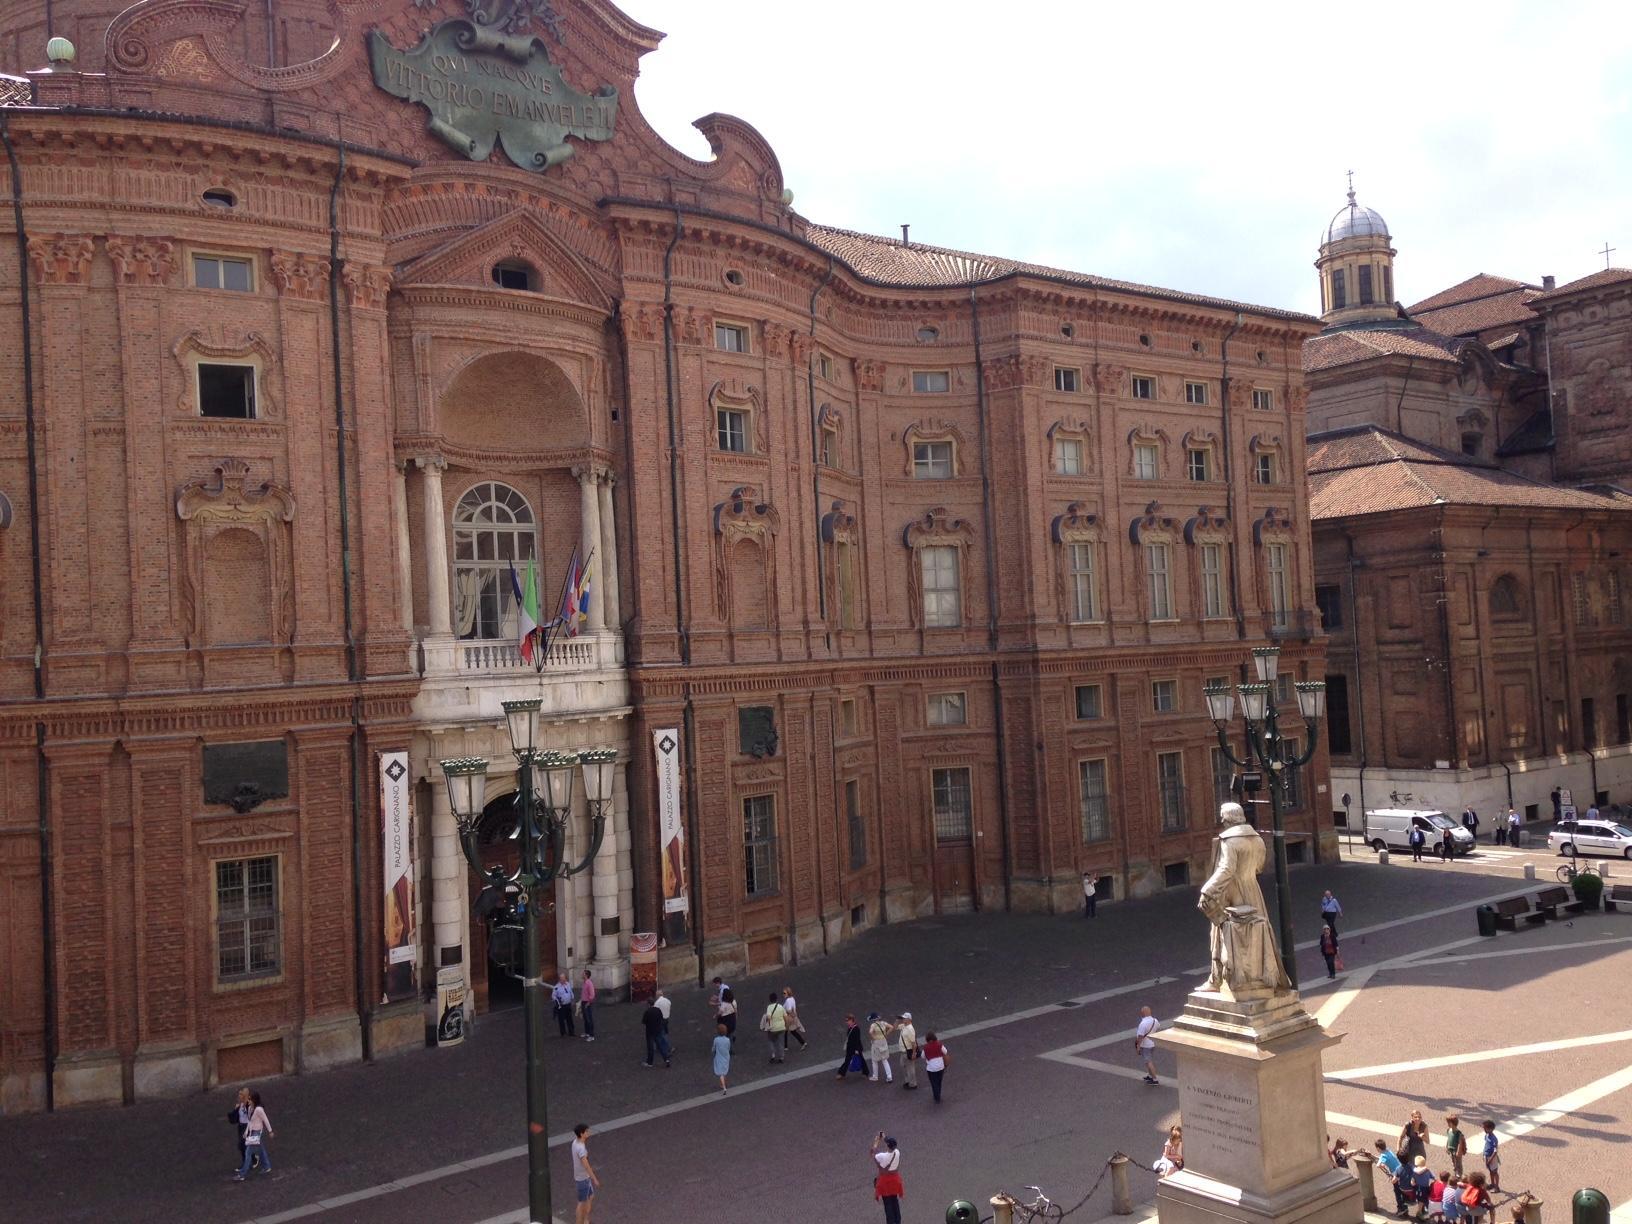 Museo Del Risorgimento Torino.Palazzo Carignano Sede Del Museo Del Risorgimento Torino Artribune